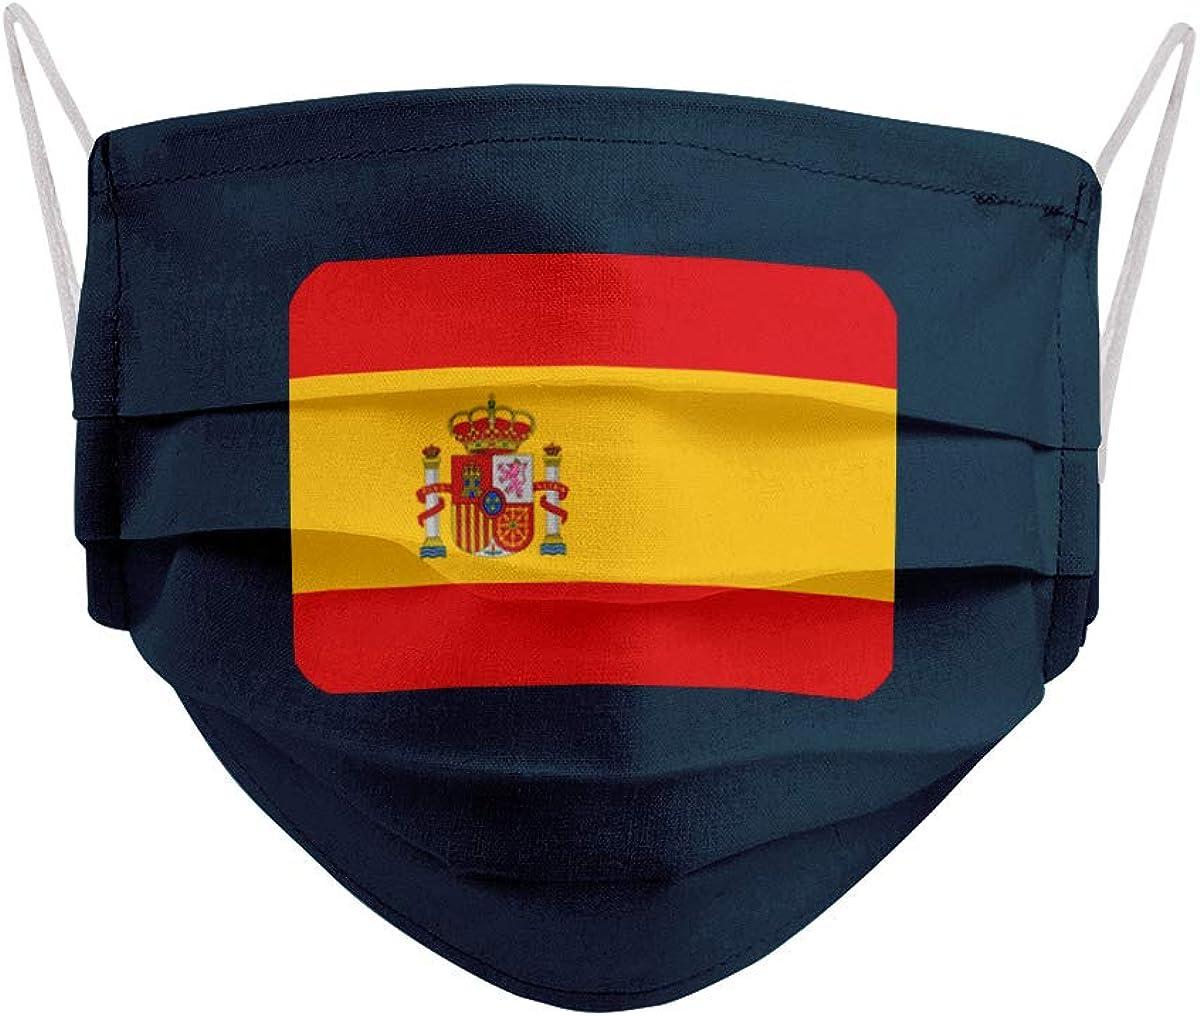 Mascarilla Bandera de España con Escudo: Amazon.es: Ropa y accesorios